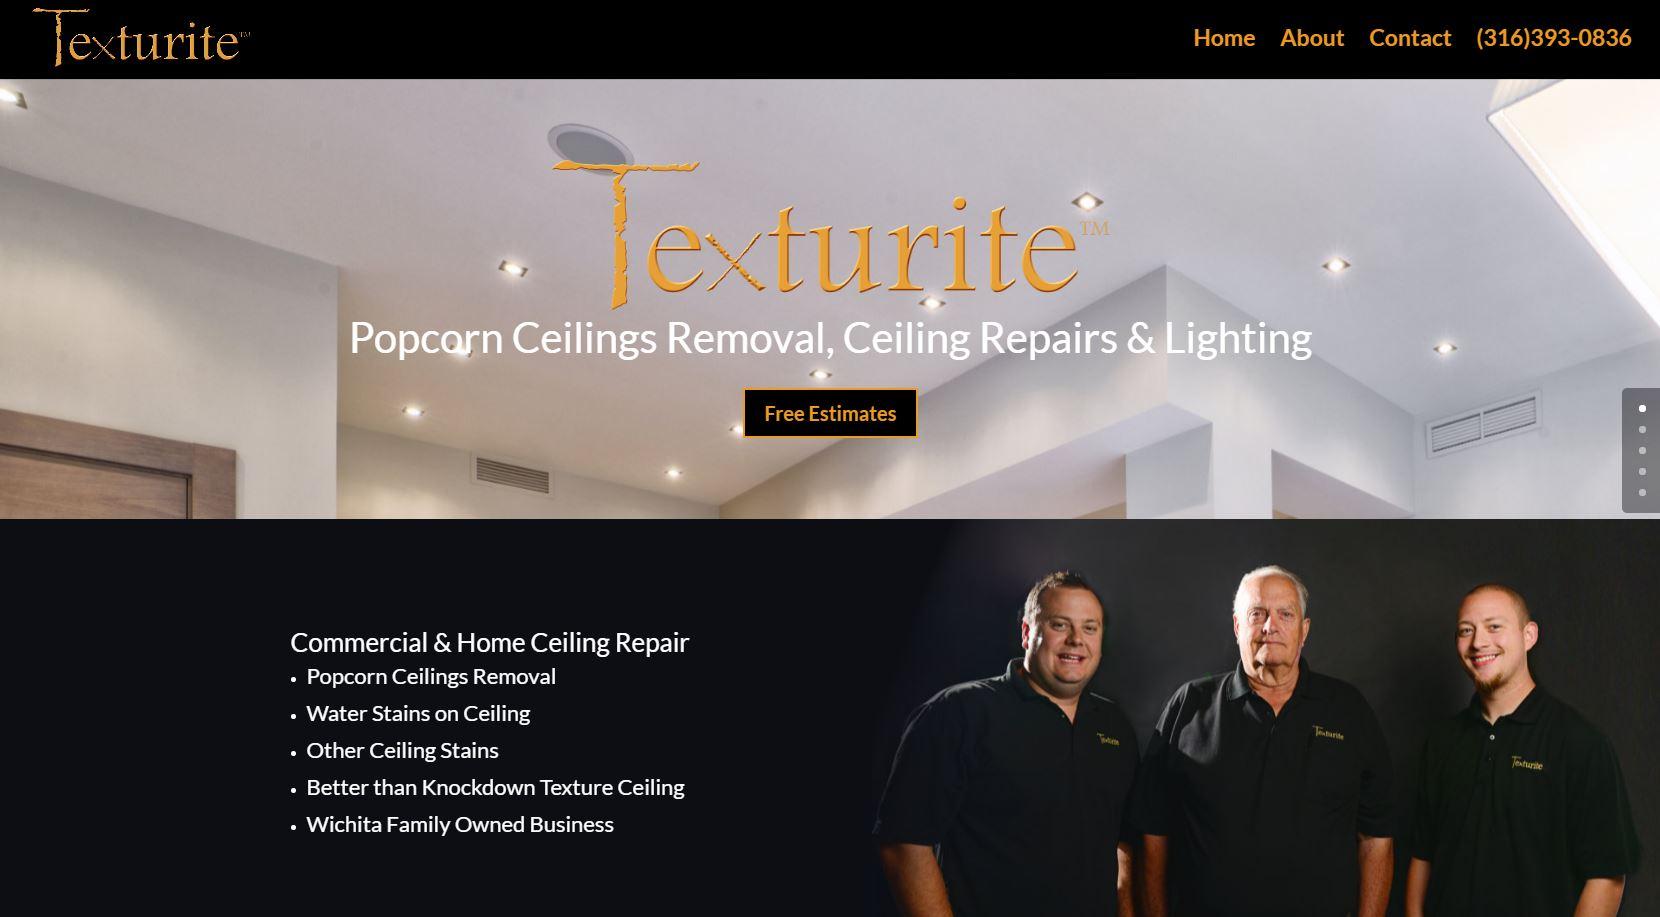 home remodeling website design - biglilfish divi website design